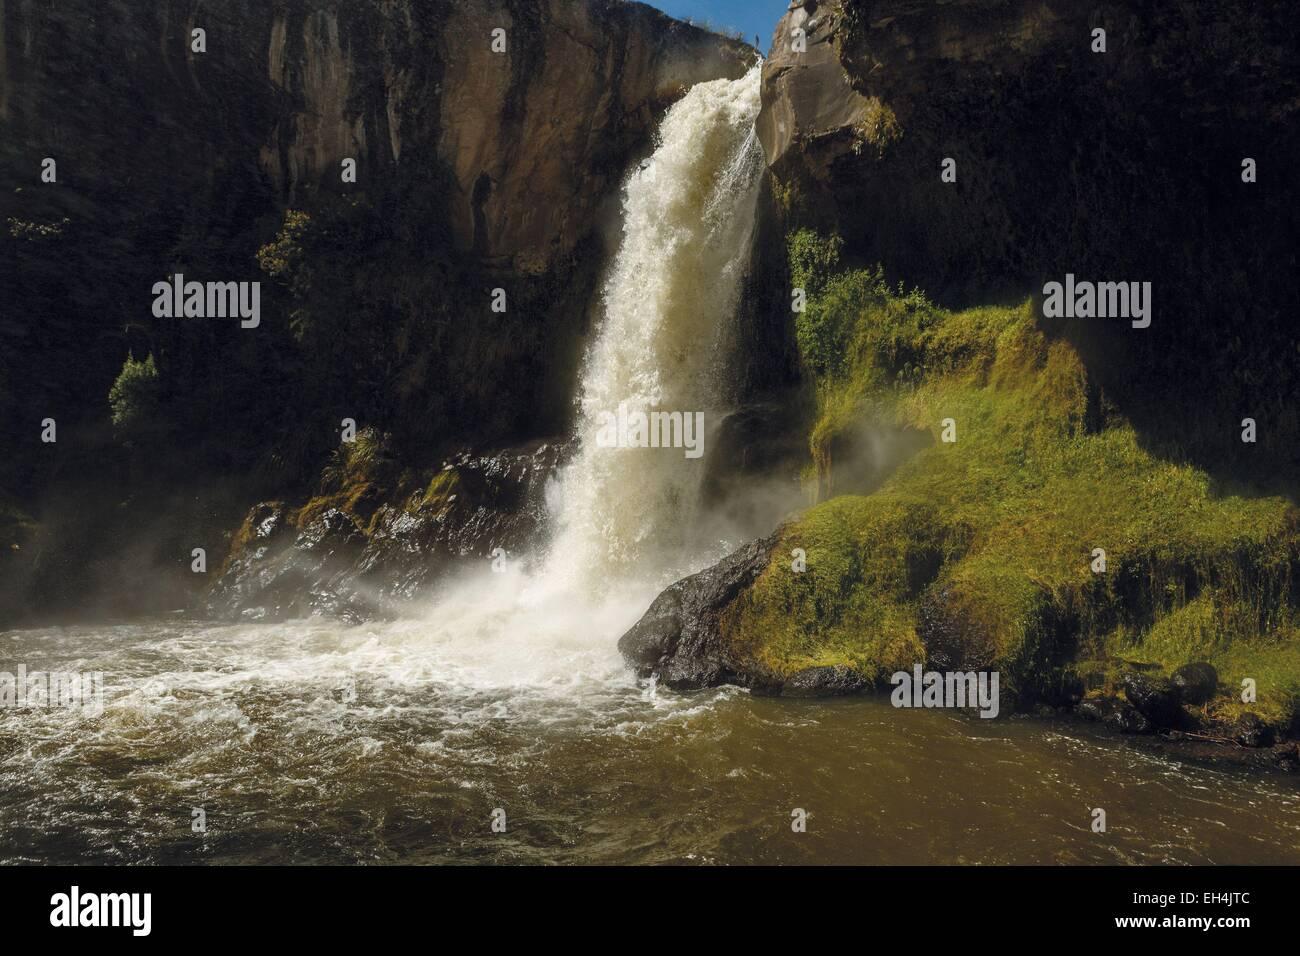 Ecuador, Cotopaxi, Cotopaxi Nationalpark, natürlichen Wasserfall in ein Becken, umgeben von vulkanischen Gesteinen Stockbild